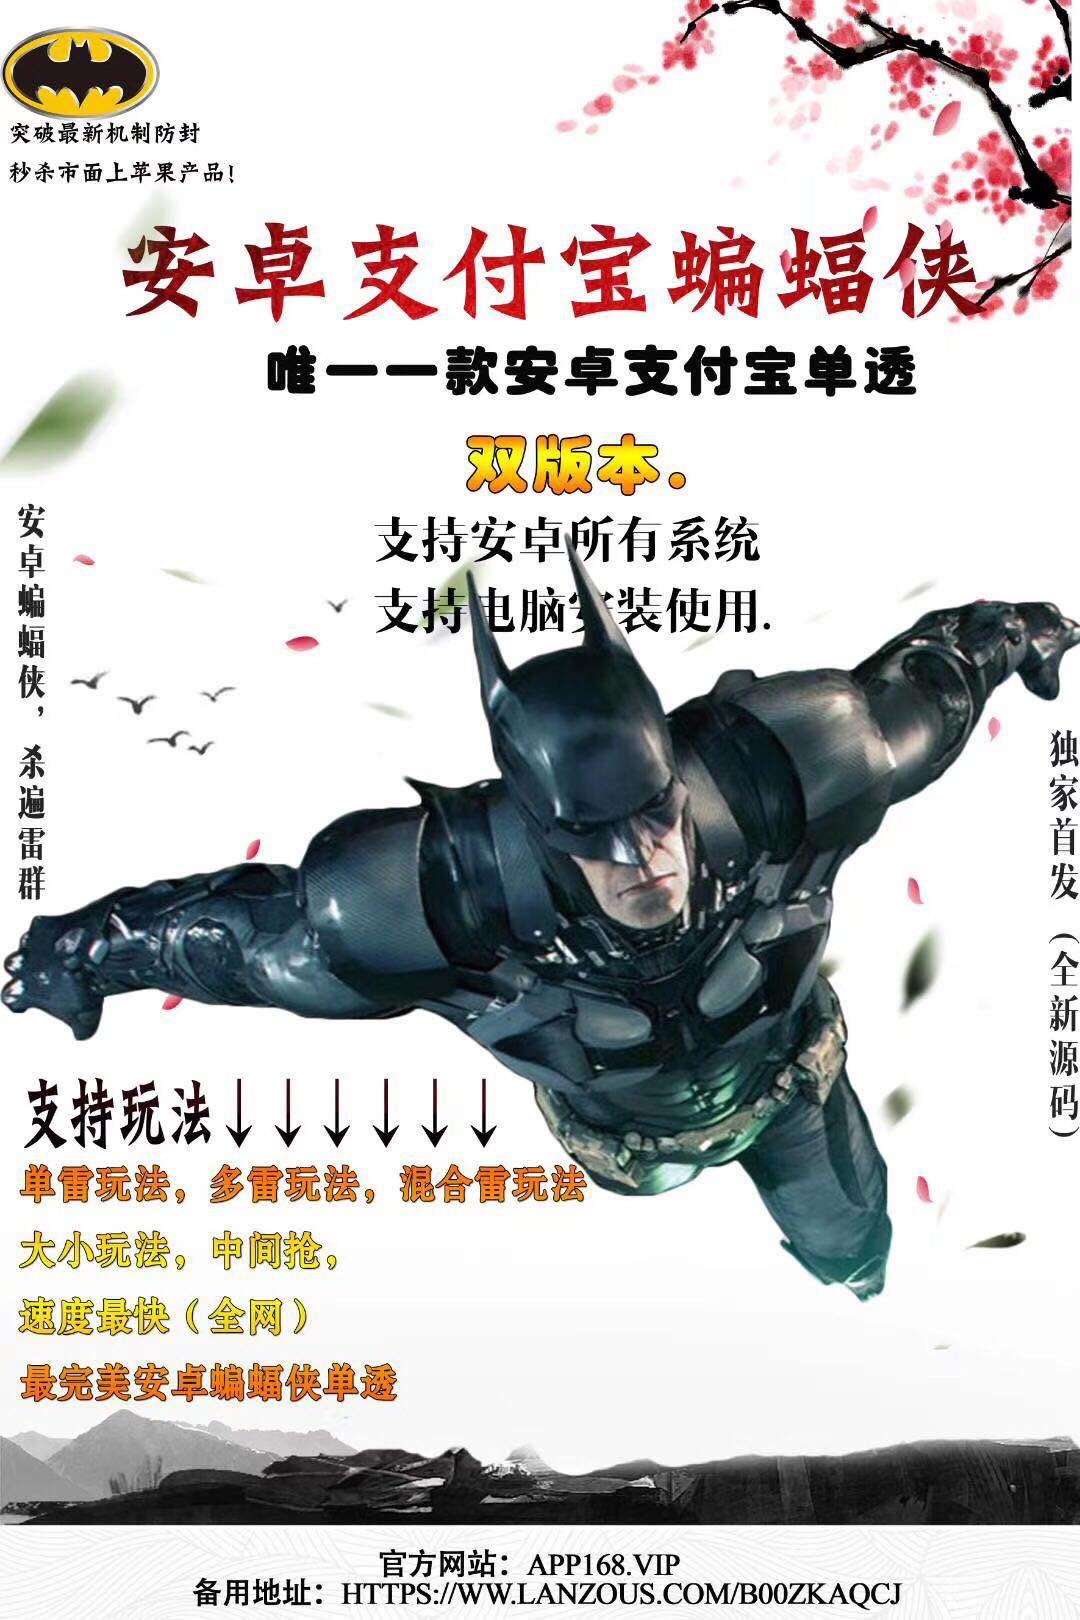 【安卓支付宝蝙蝠侠单透天卡】单雷玩法,多雷玩法,混合雷玩法